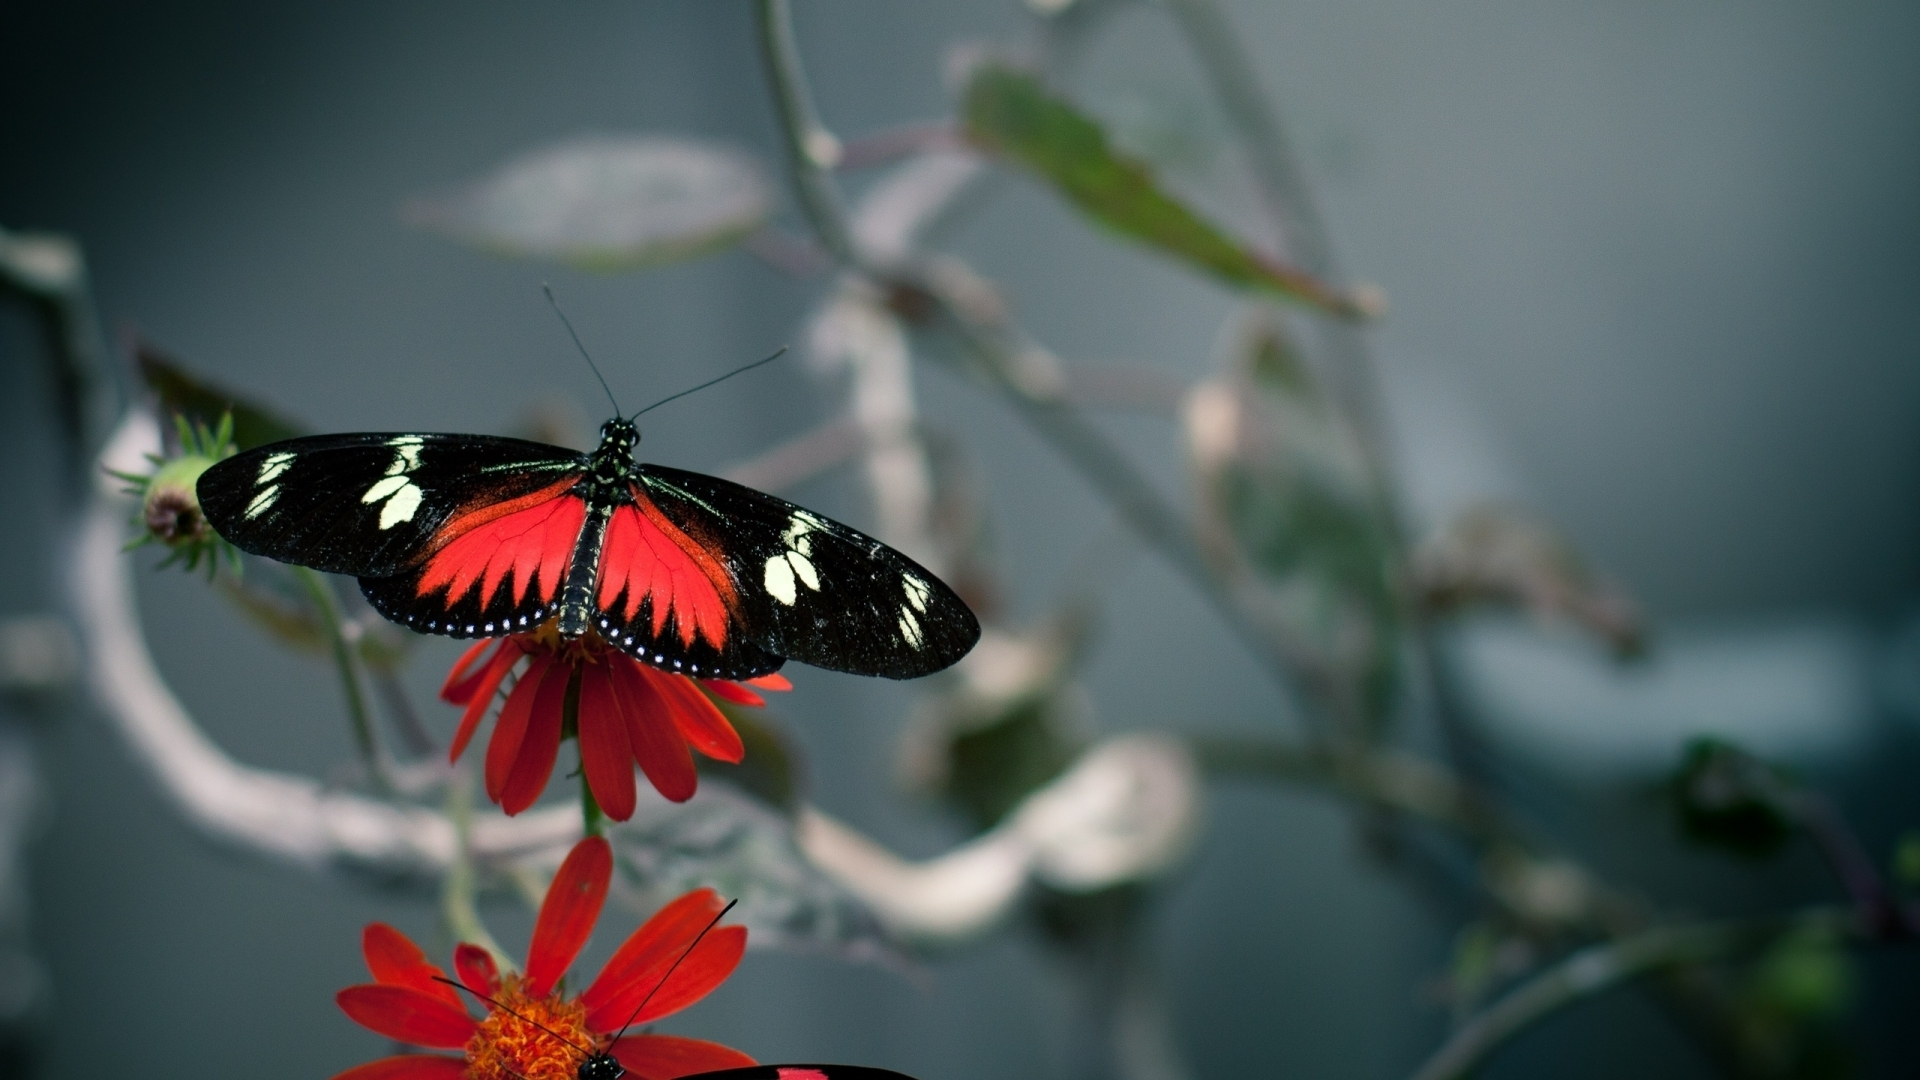 43624 скачать обои Животные, Бабочки - заставки и картинки бесплатно